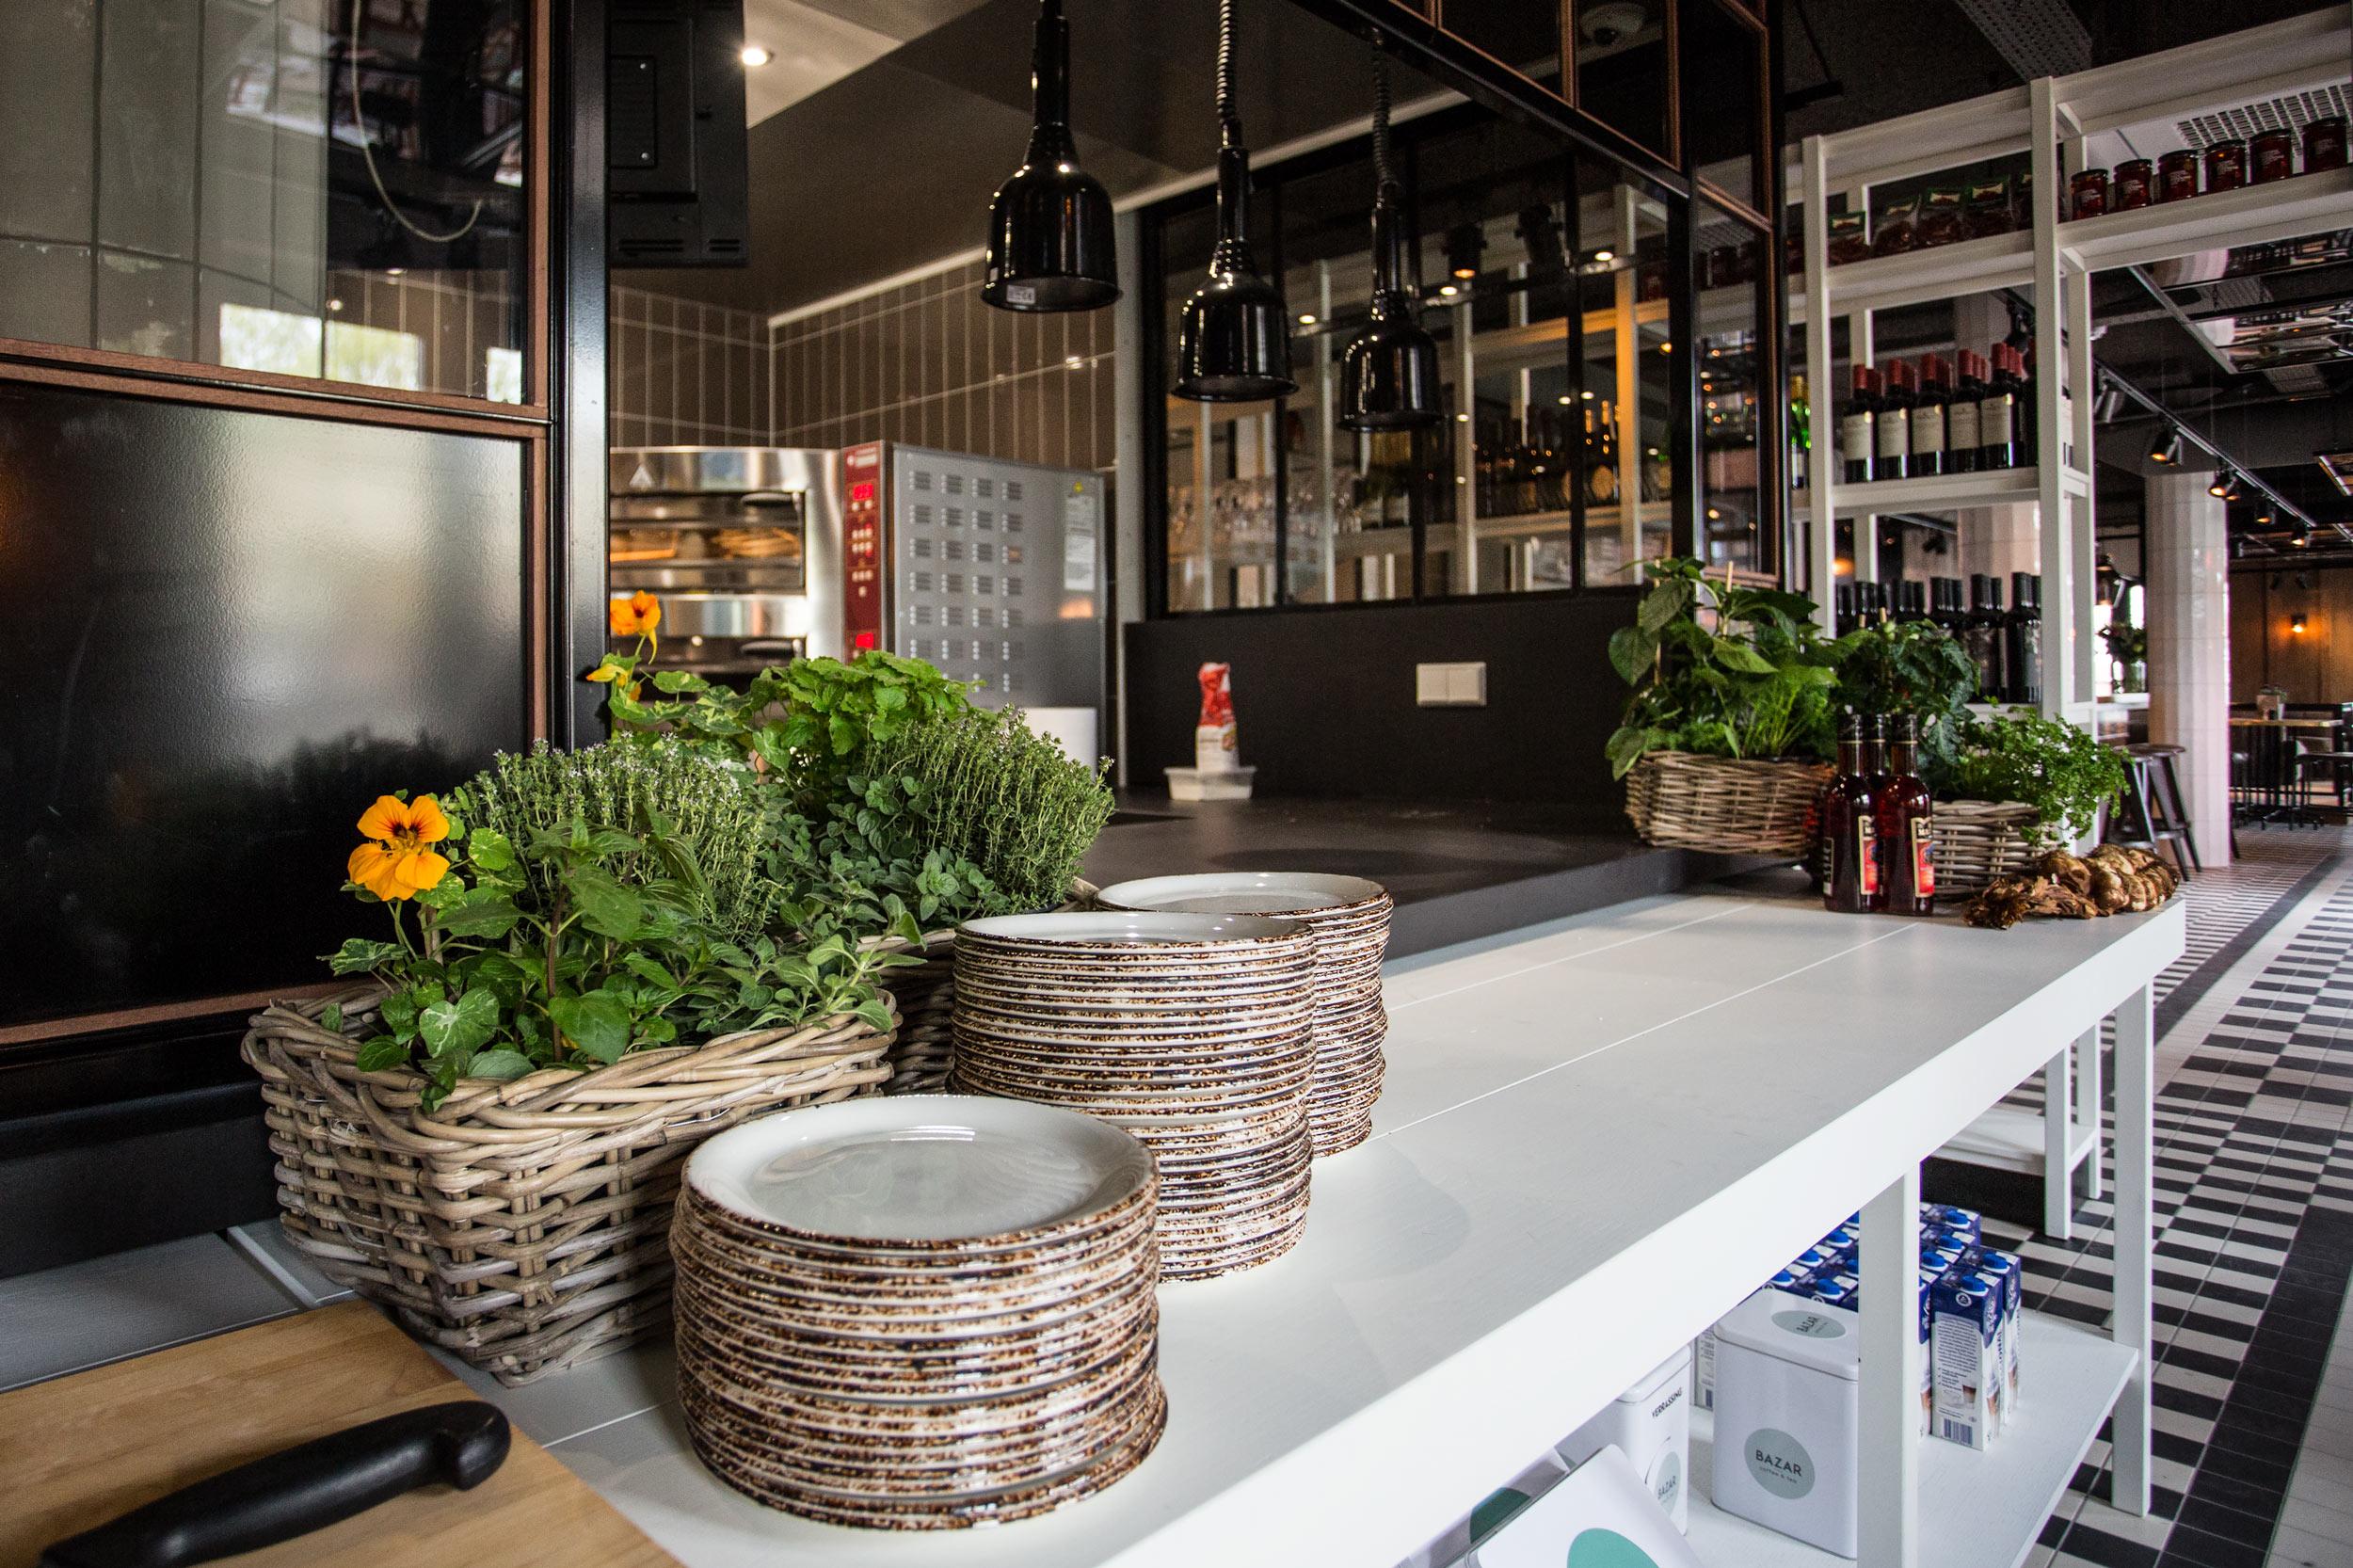 Interieur van Grand Cafe Blur in Dishoek.